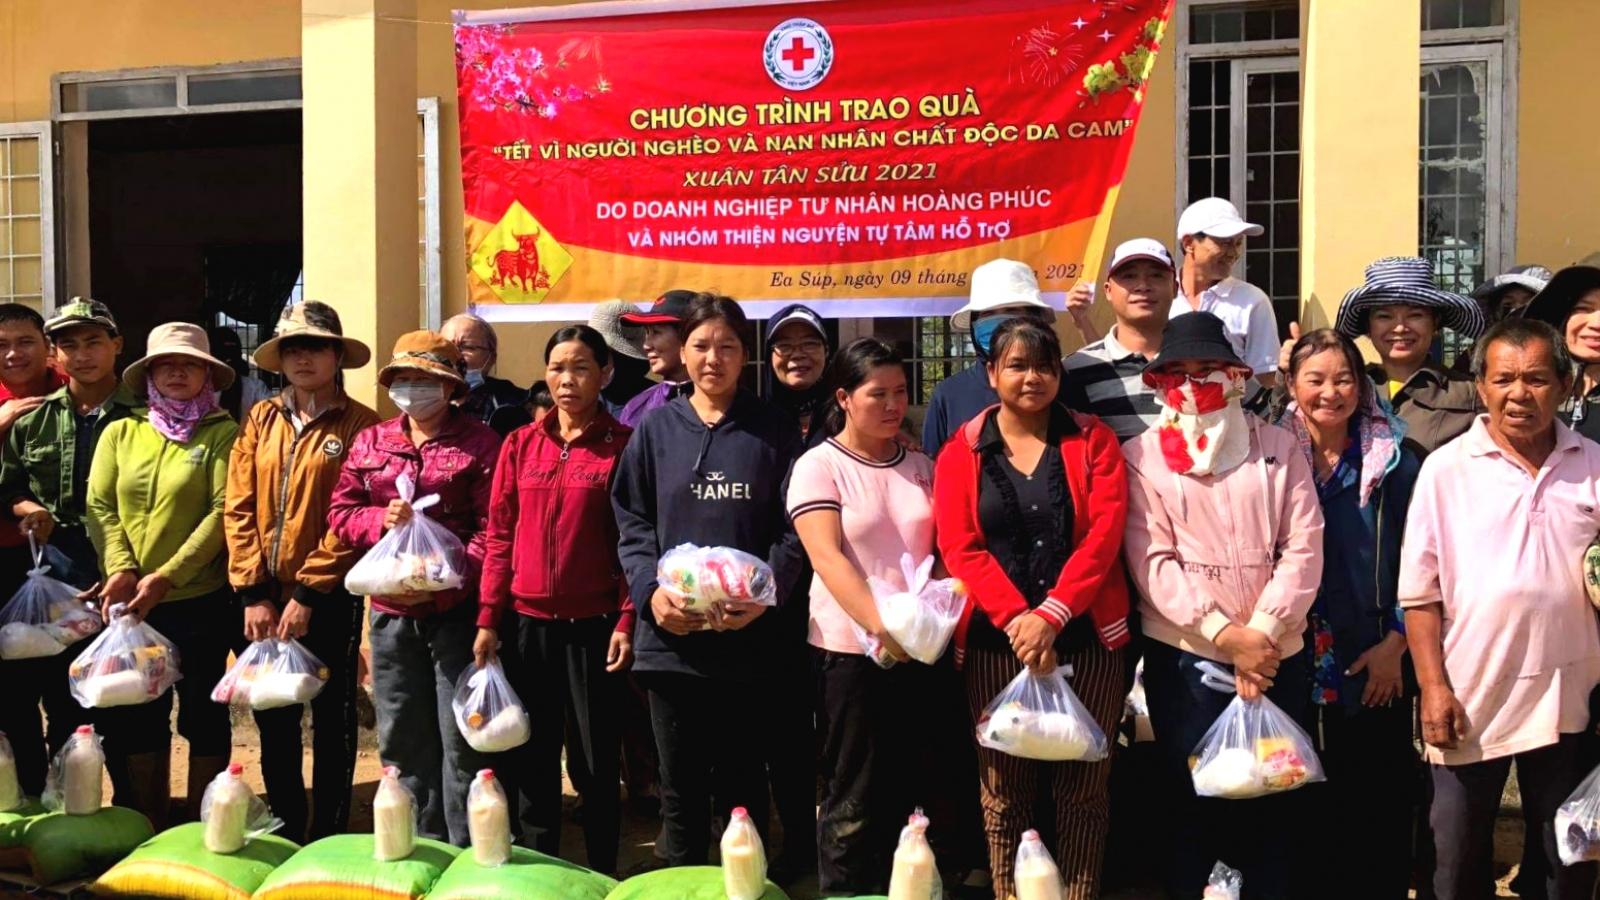 Hội chữ thập đỏ Đắk Lắk vận động gần 77 tỷ đồng cho công tác nhân đạo